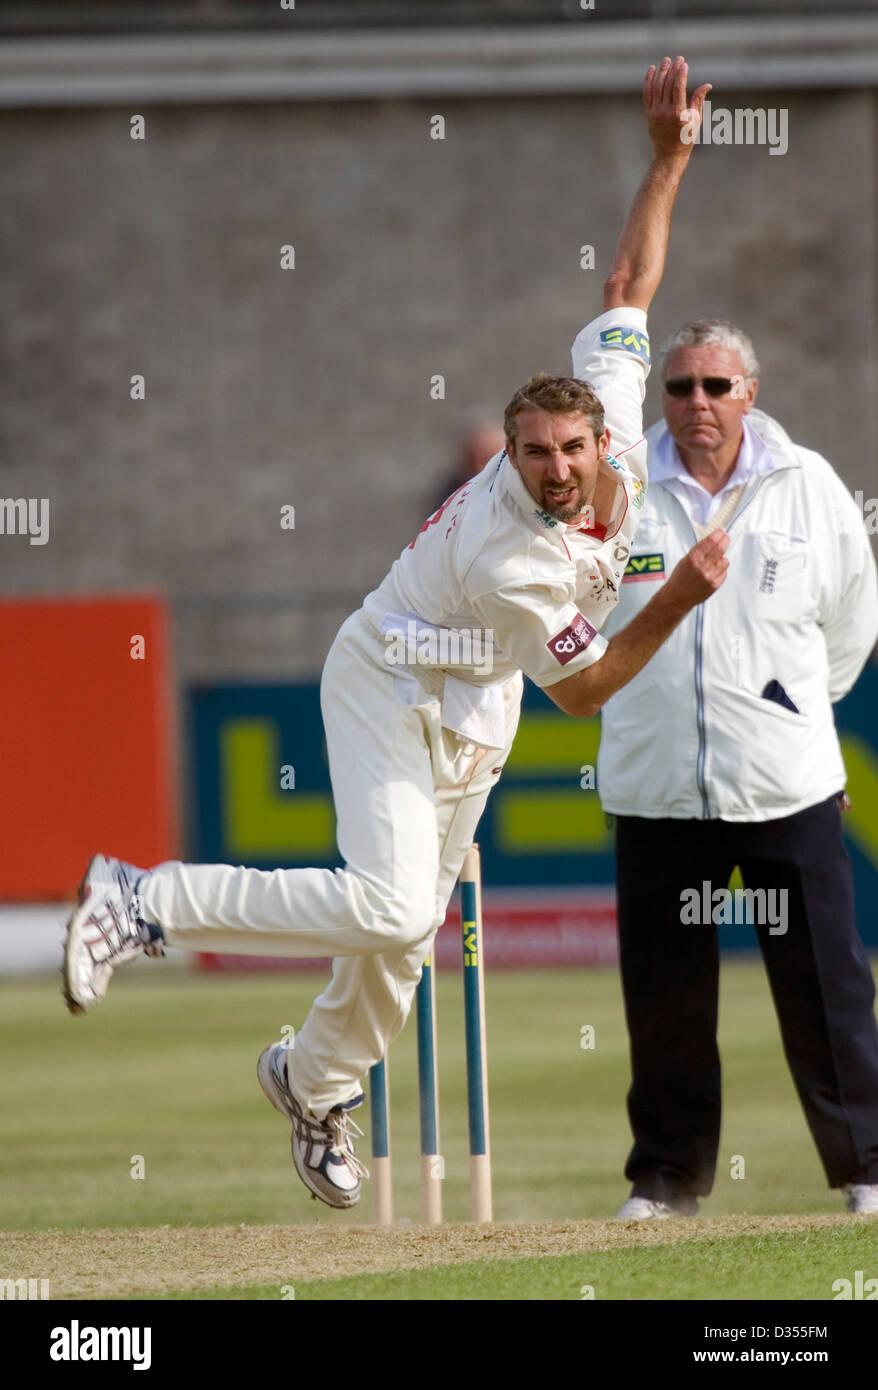 21.05.08 Glamorgan v Northants at St. Helens Swansea Jason Gillespie bowls at David Sales. - Stock Image